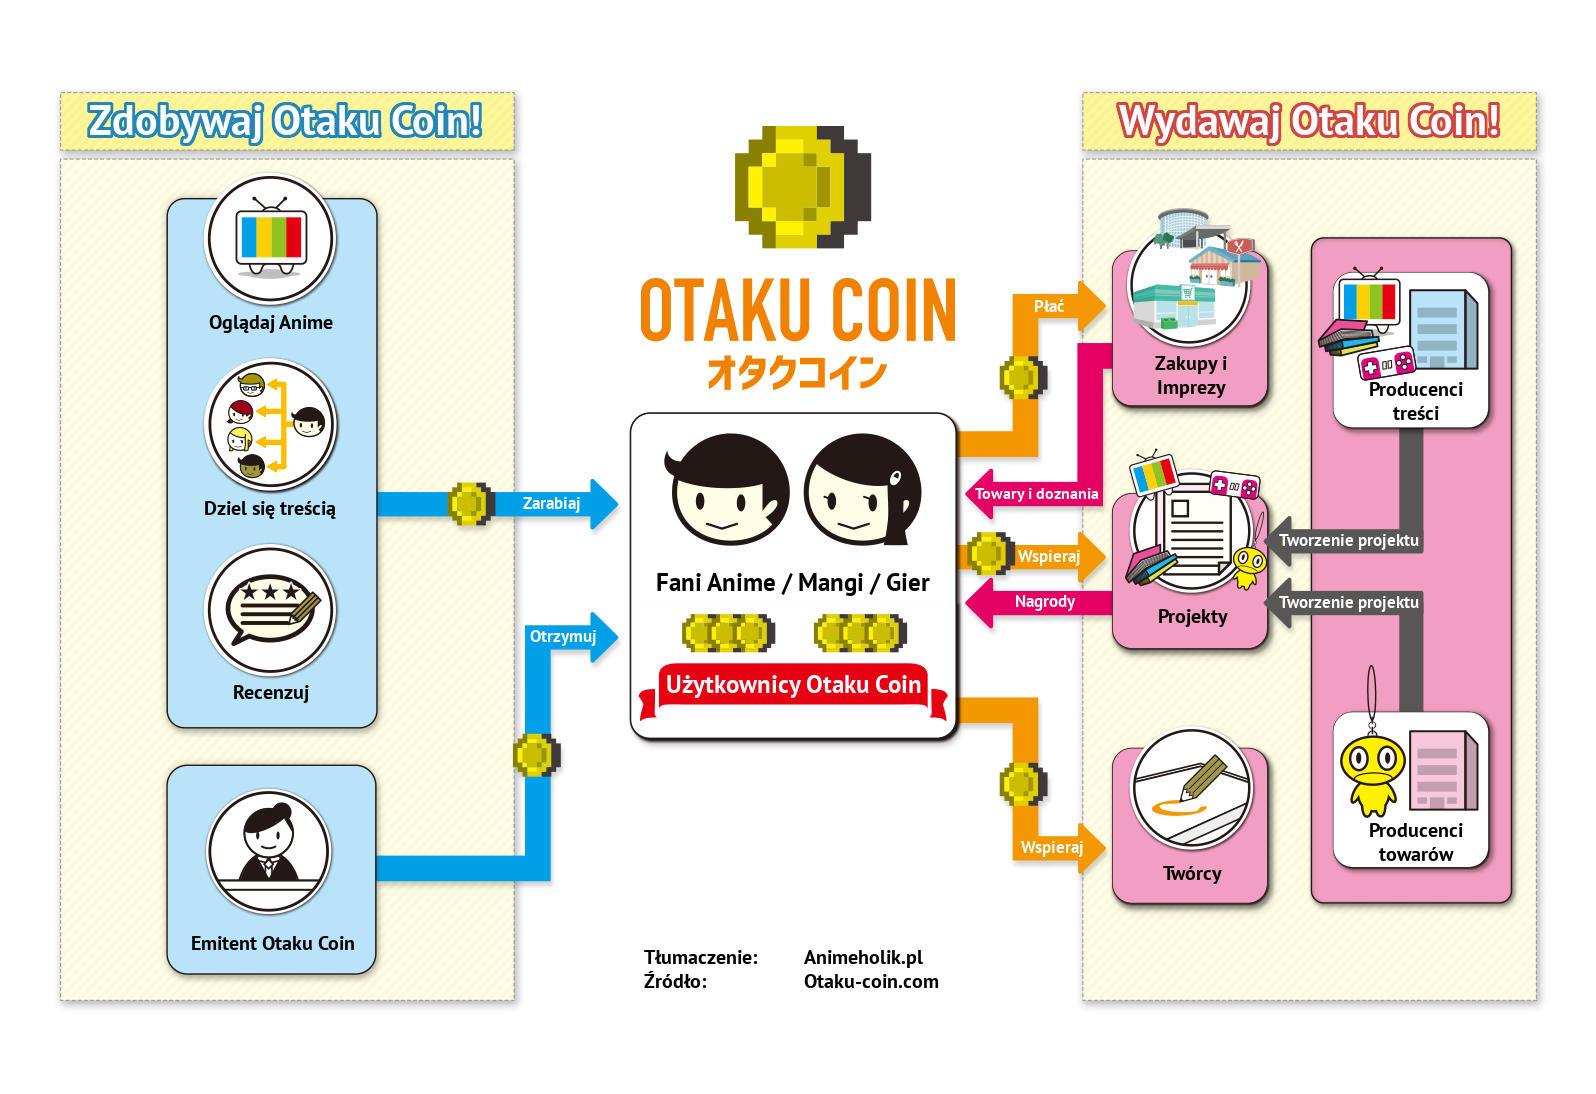 Infografika prezentująca co fani anime będą mogli robić z Otaku Coinem